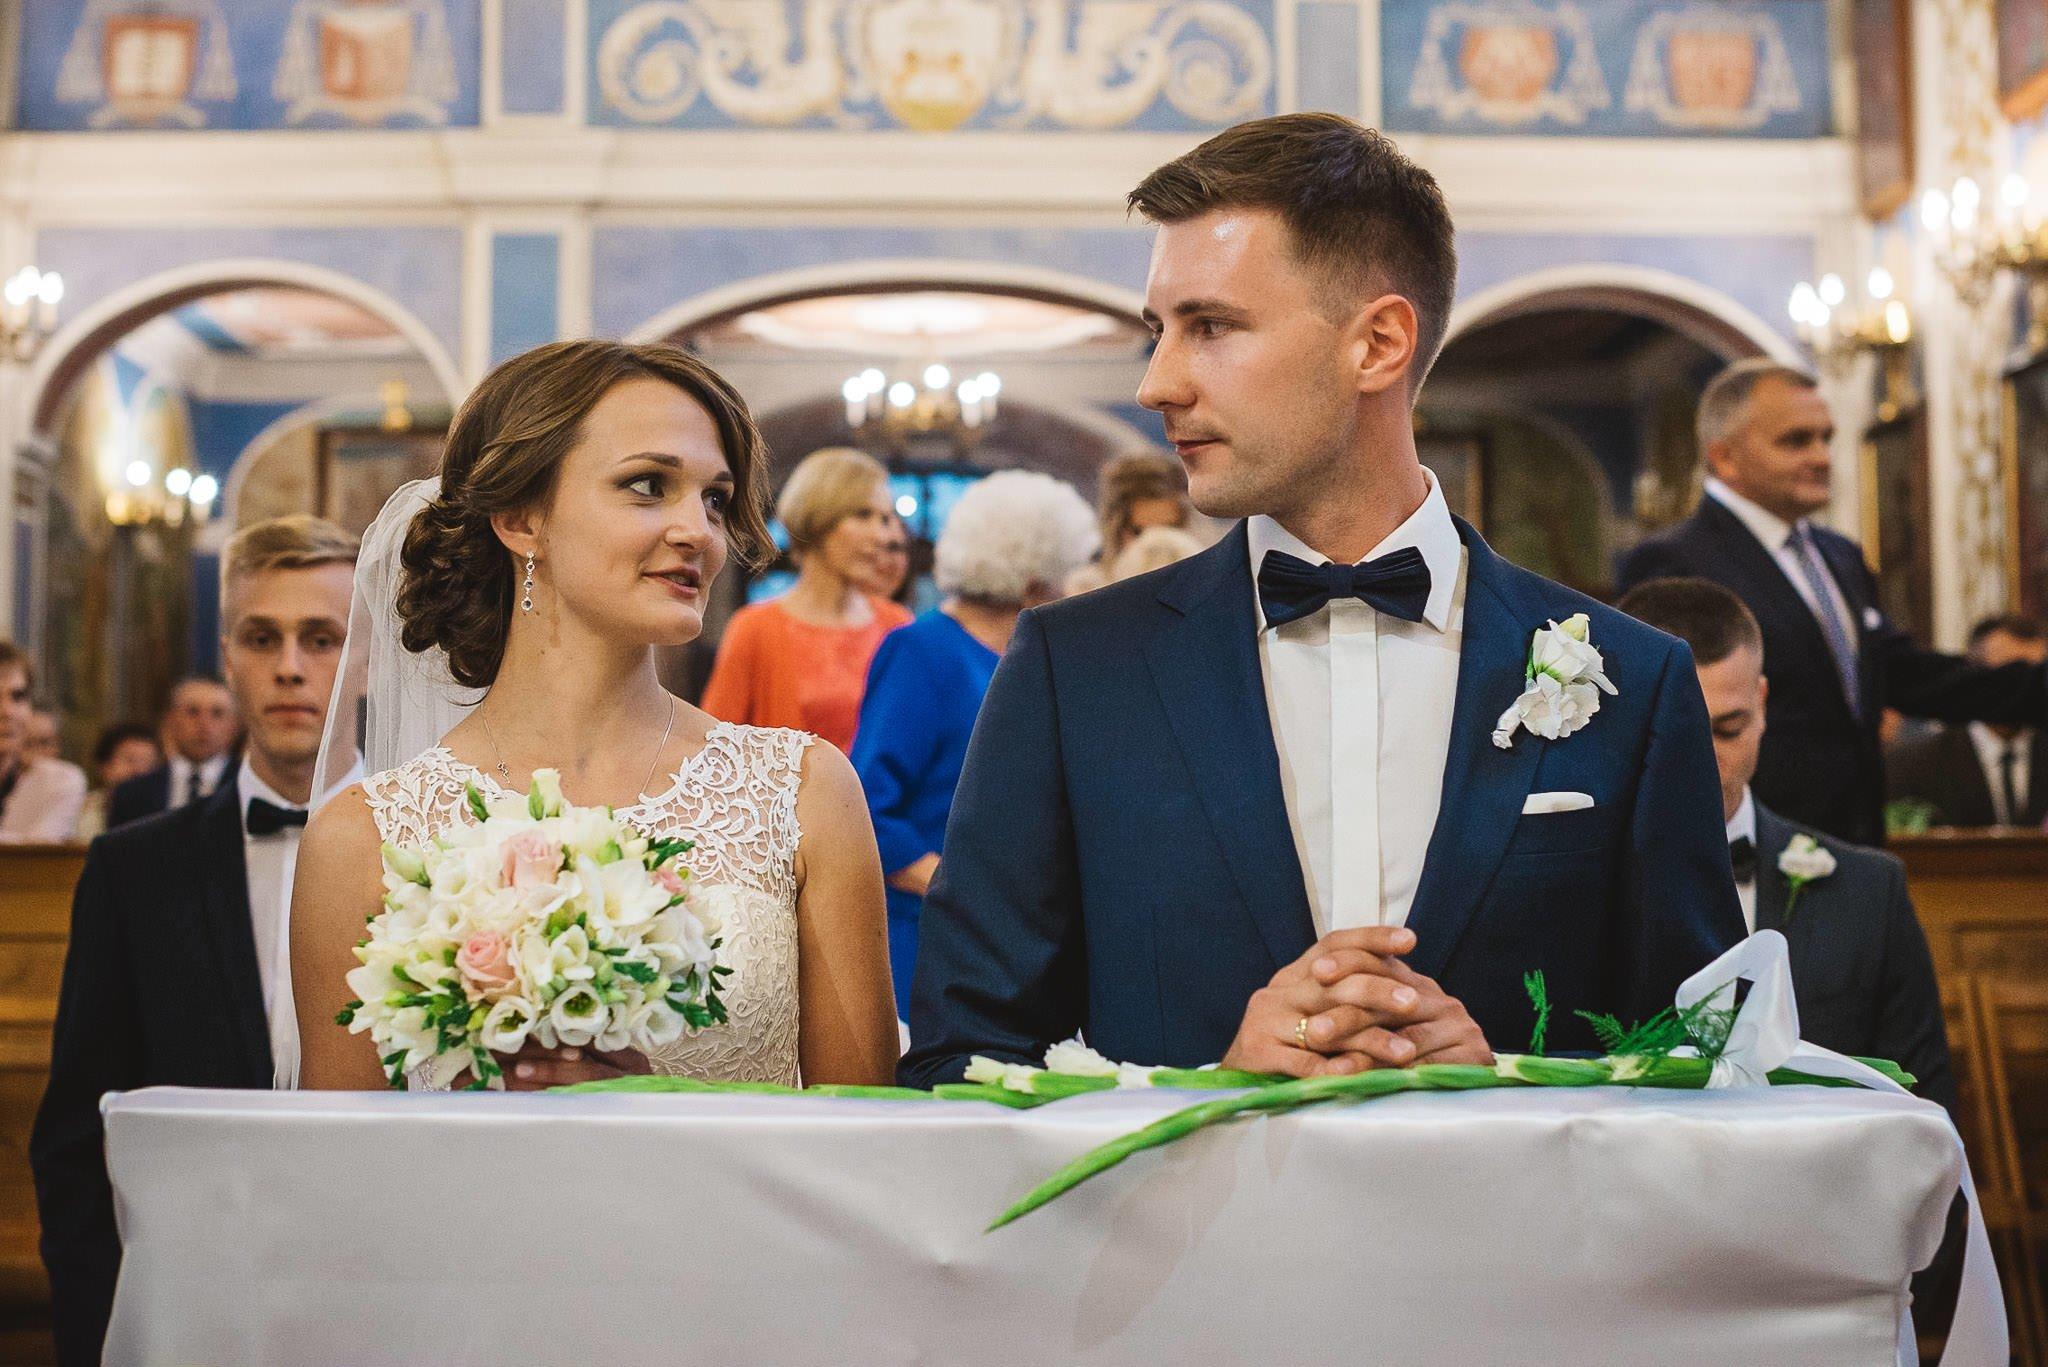 Monika i Michał, wesele w Paryżu i sesja plenerowa w stadninie koni w Czołowie 134